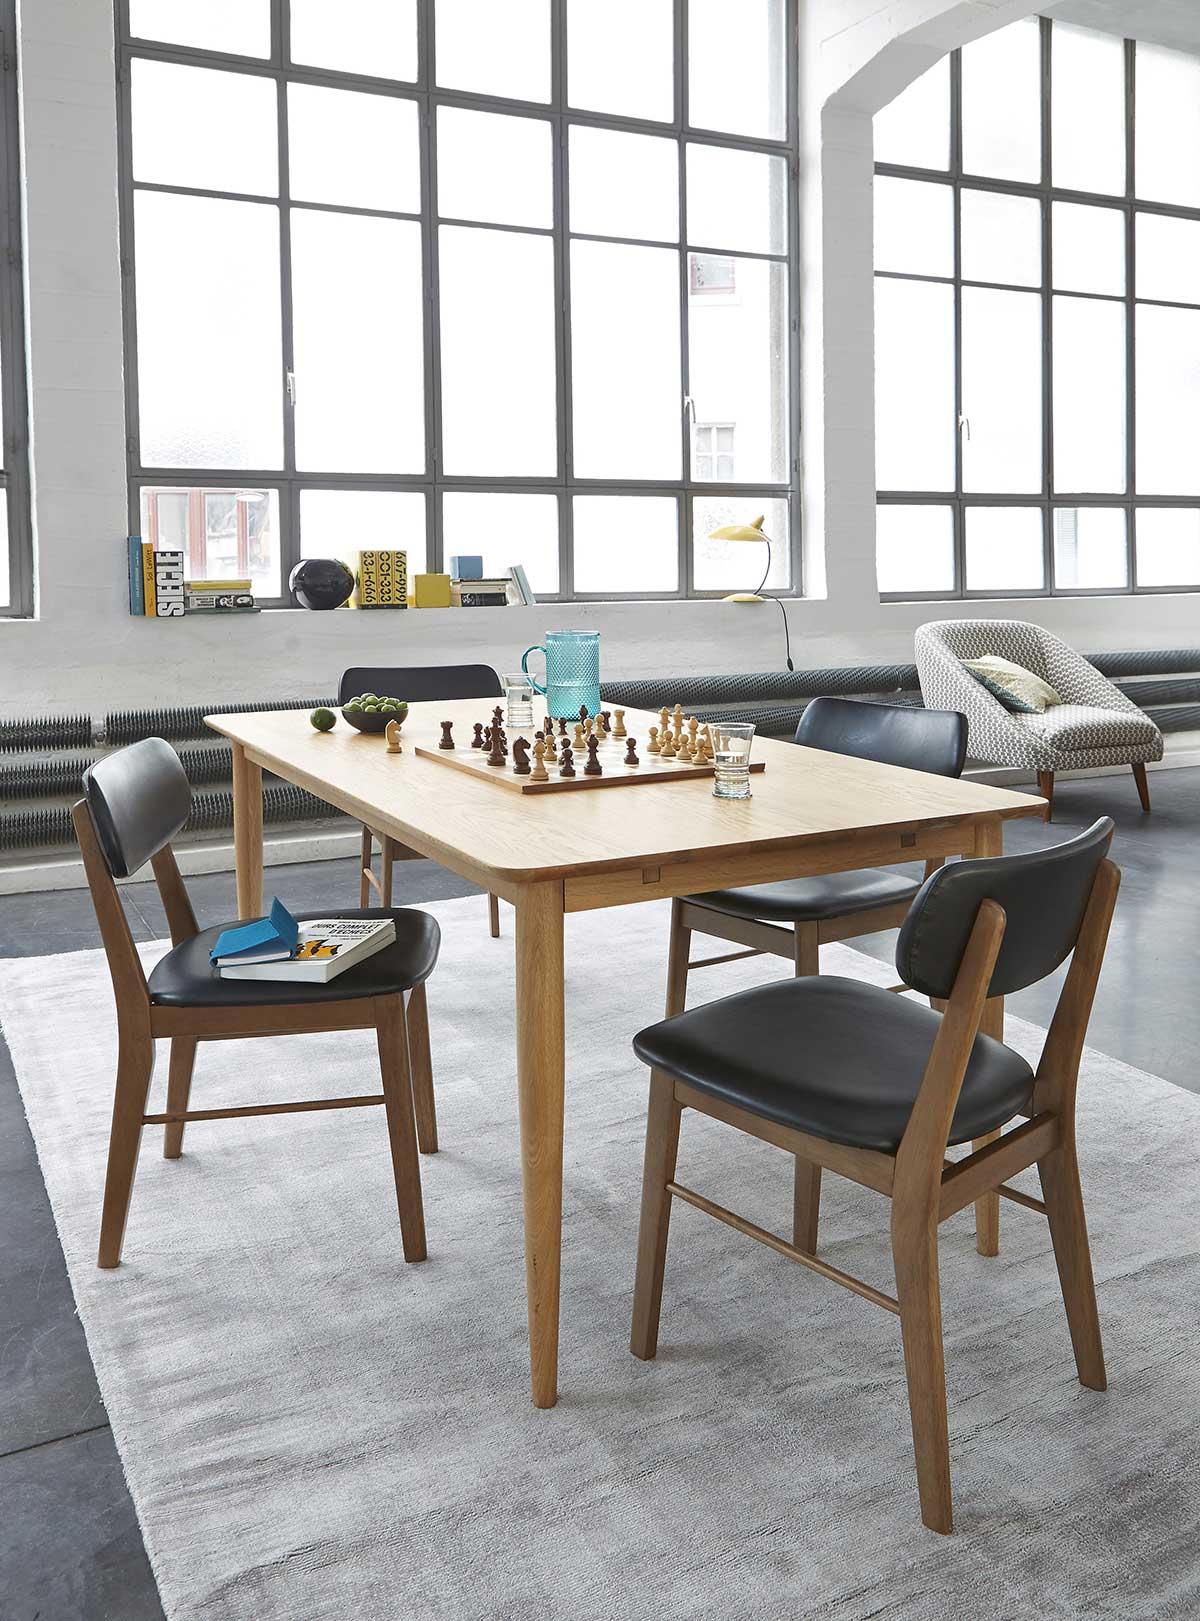 table cuisine la redoute chaise de cuisine la redoute source chaise chaise haute de salle. Black Bedroom Furniture Sets. Home Design Ideas